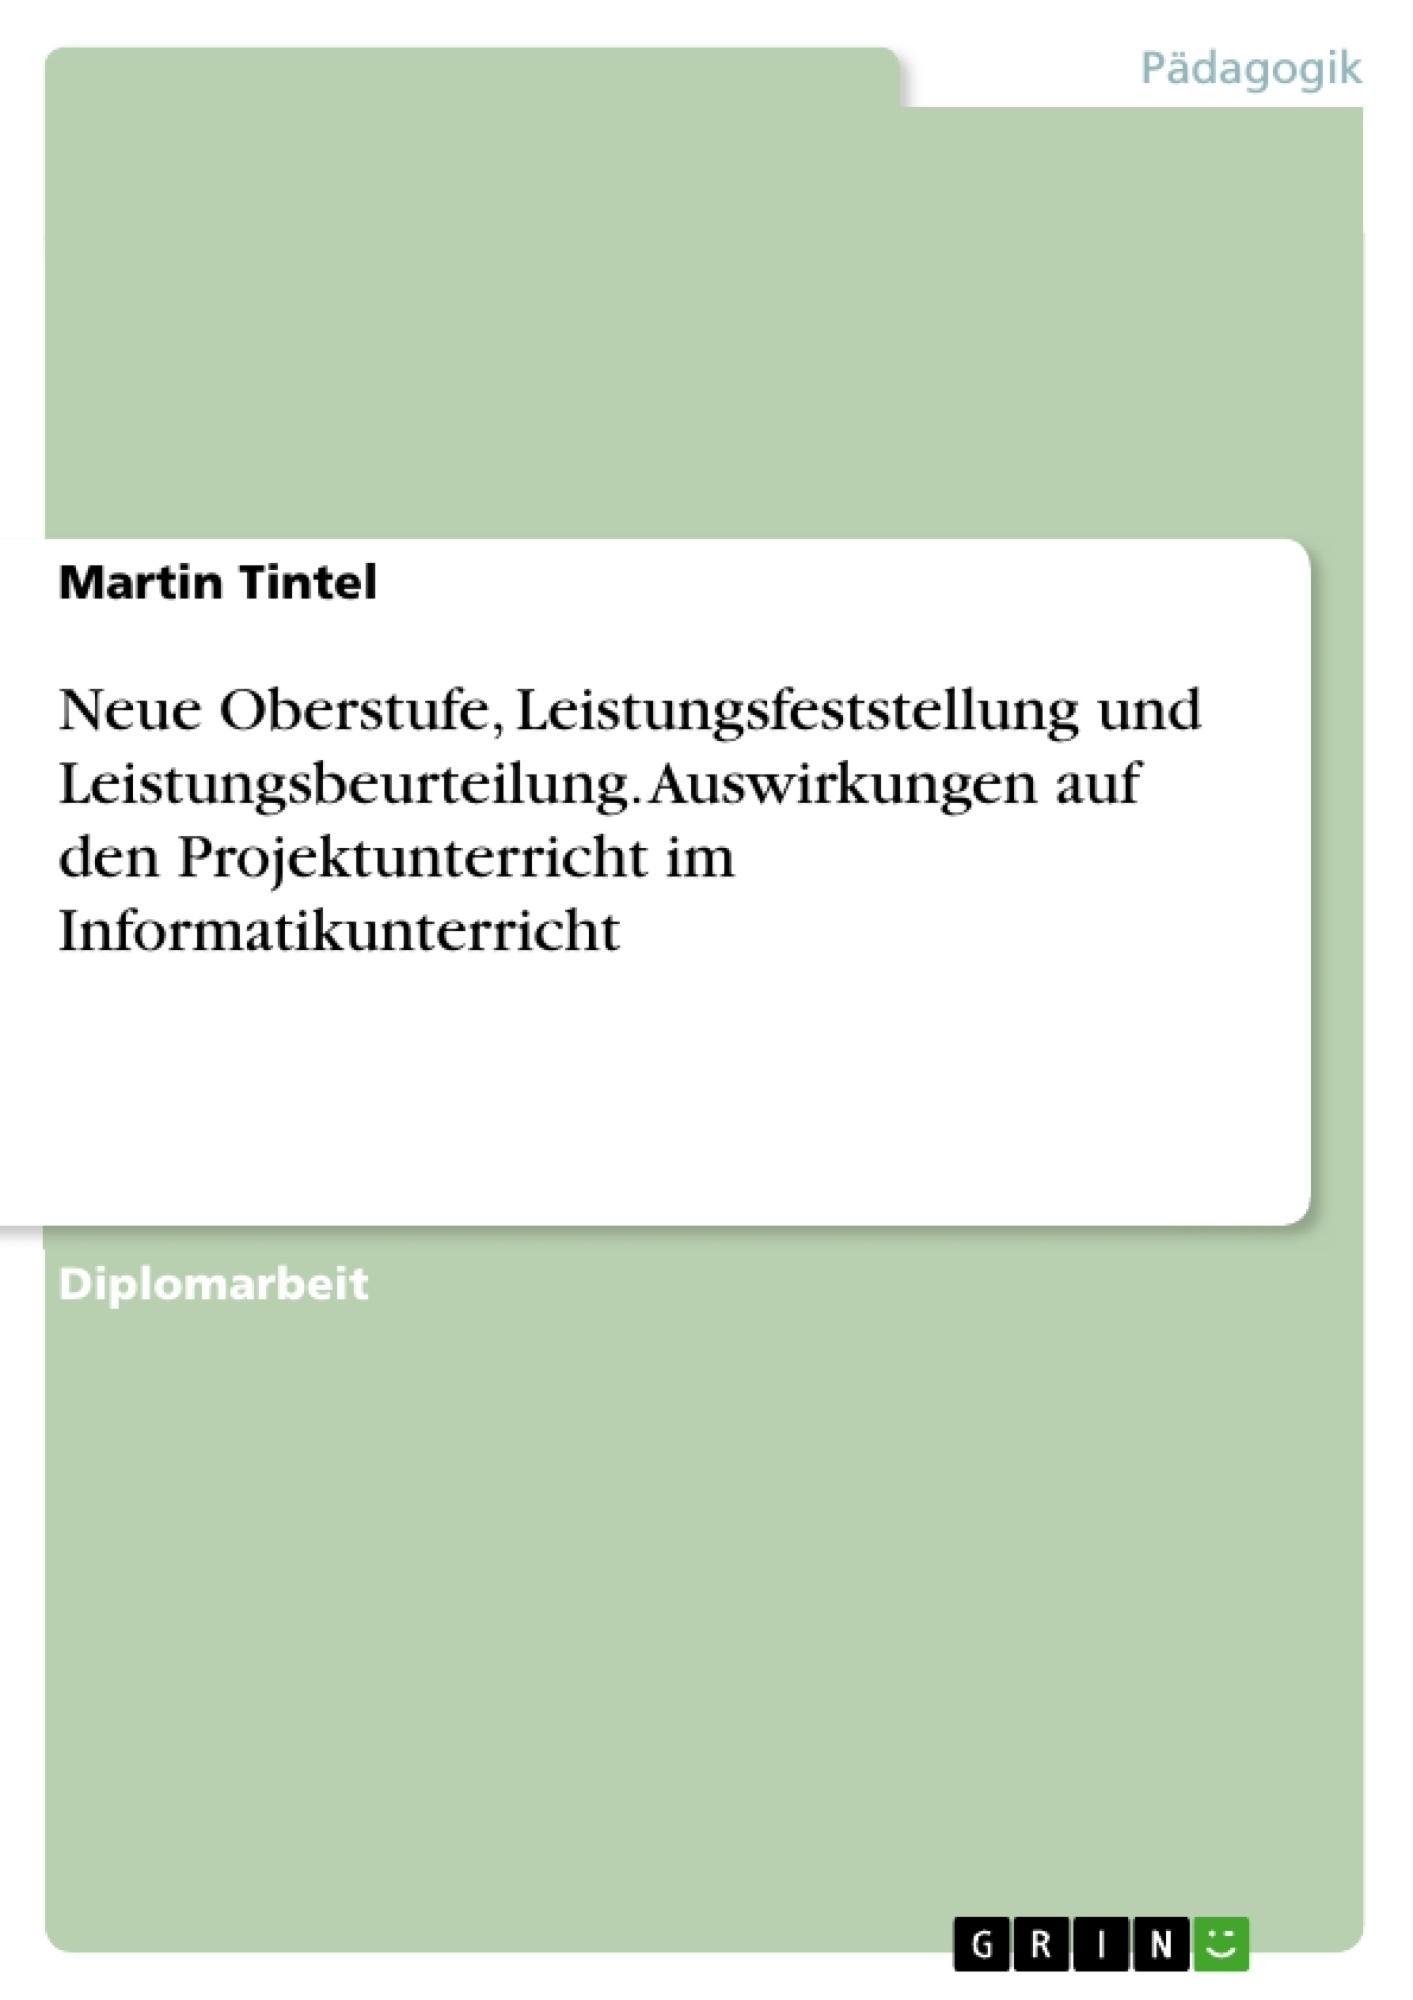 Titel: Neue Oberstufe, Leistungsfeststellung und Leistungsbeurteilung. Auswirkungen auf den Projektunterricht im Informatikunterricht